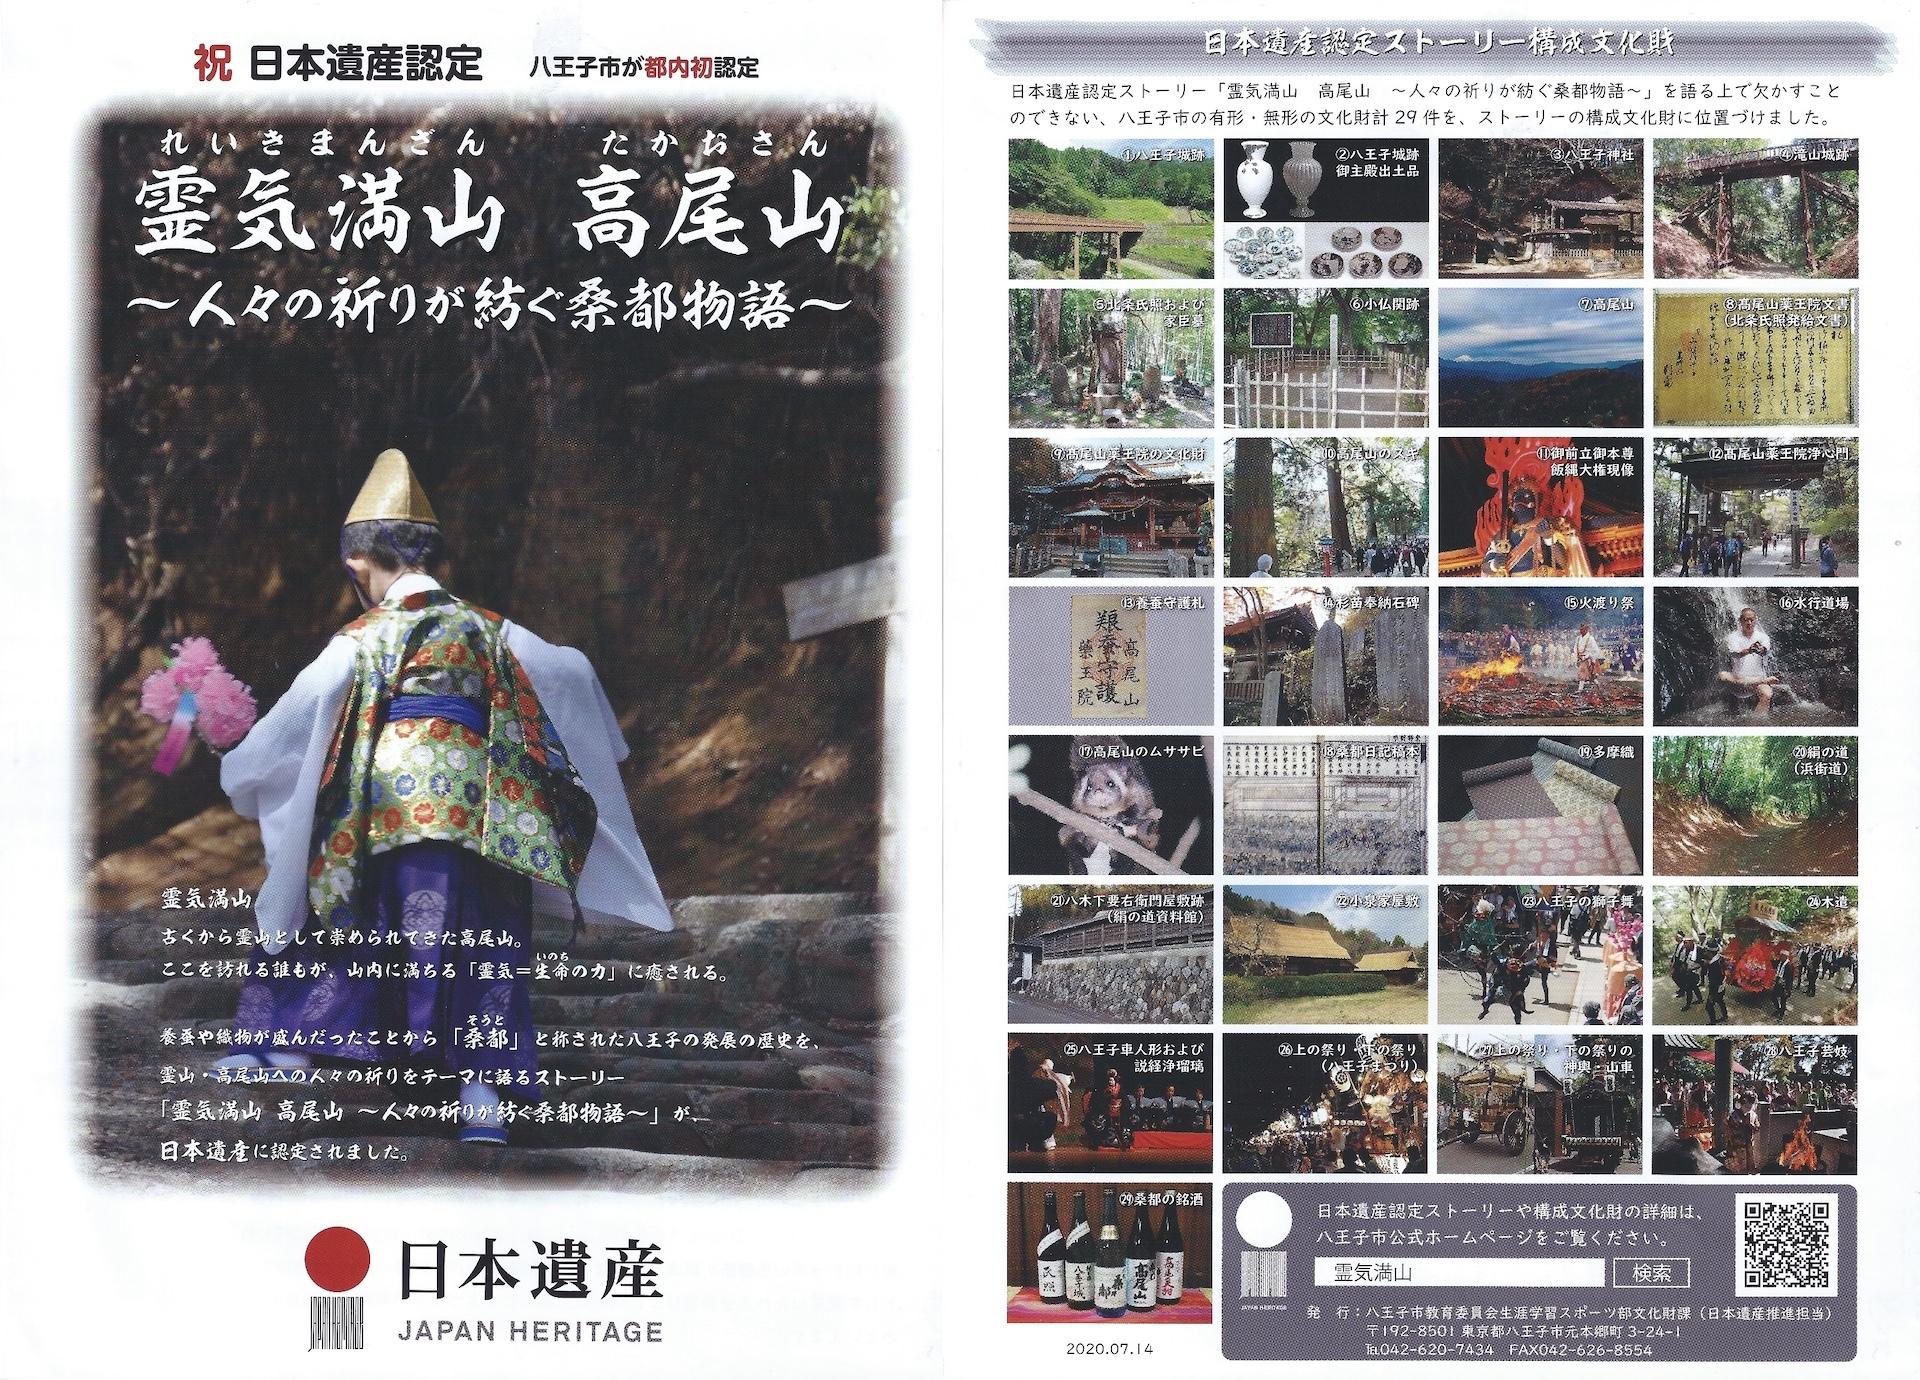 20120205_nihonisanhachiouji.jpg